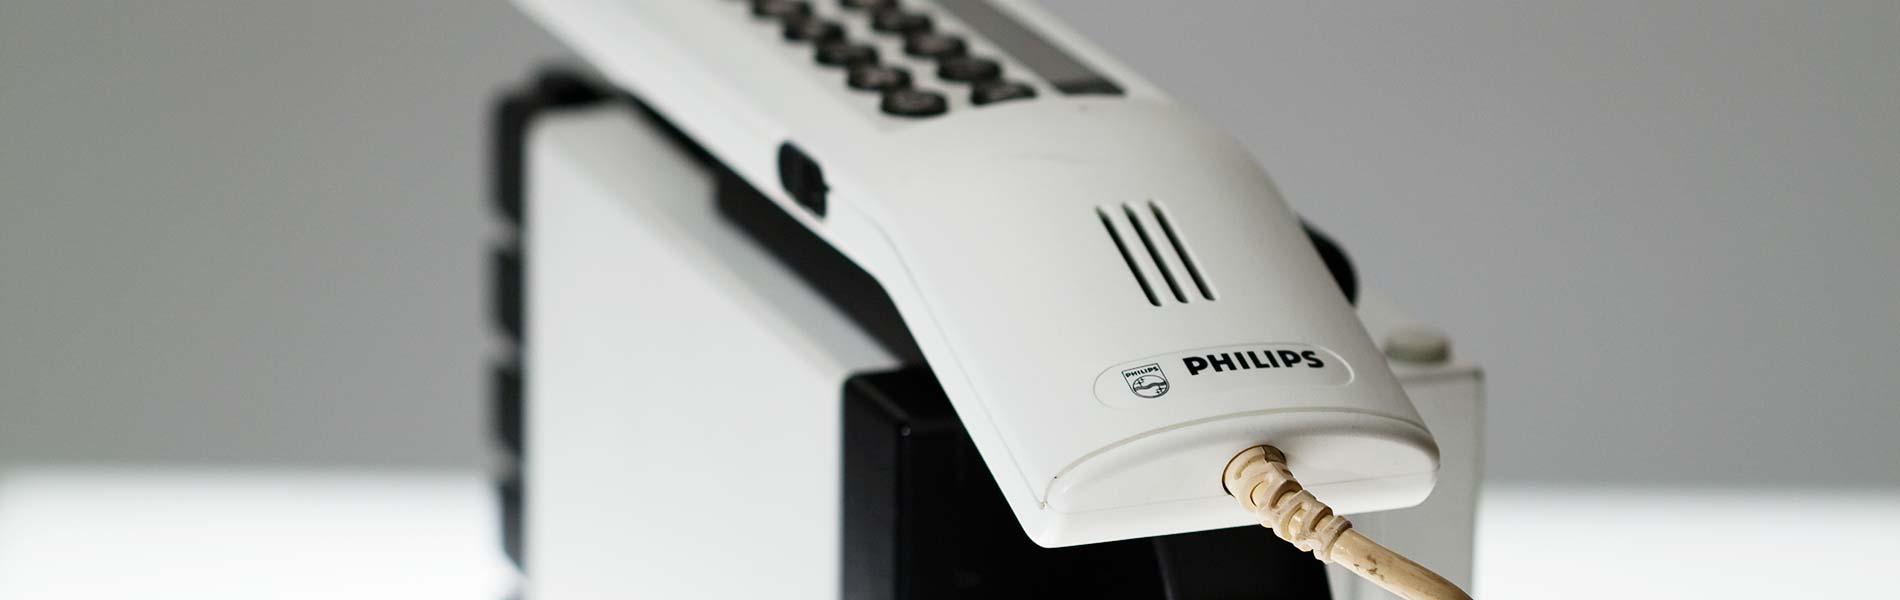 En vit och svart mobiltelefon. Den är stor och tung